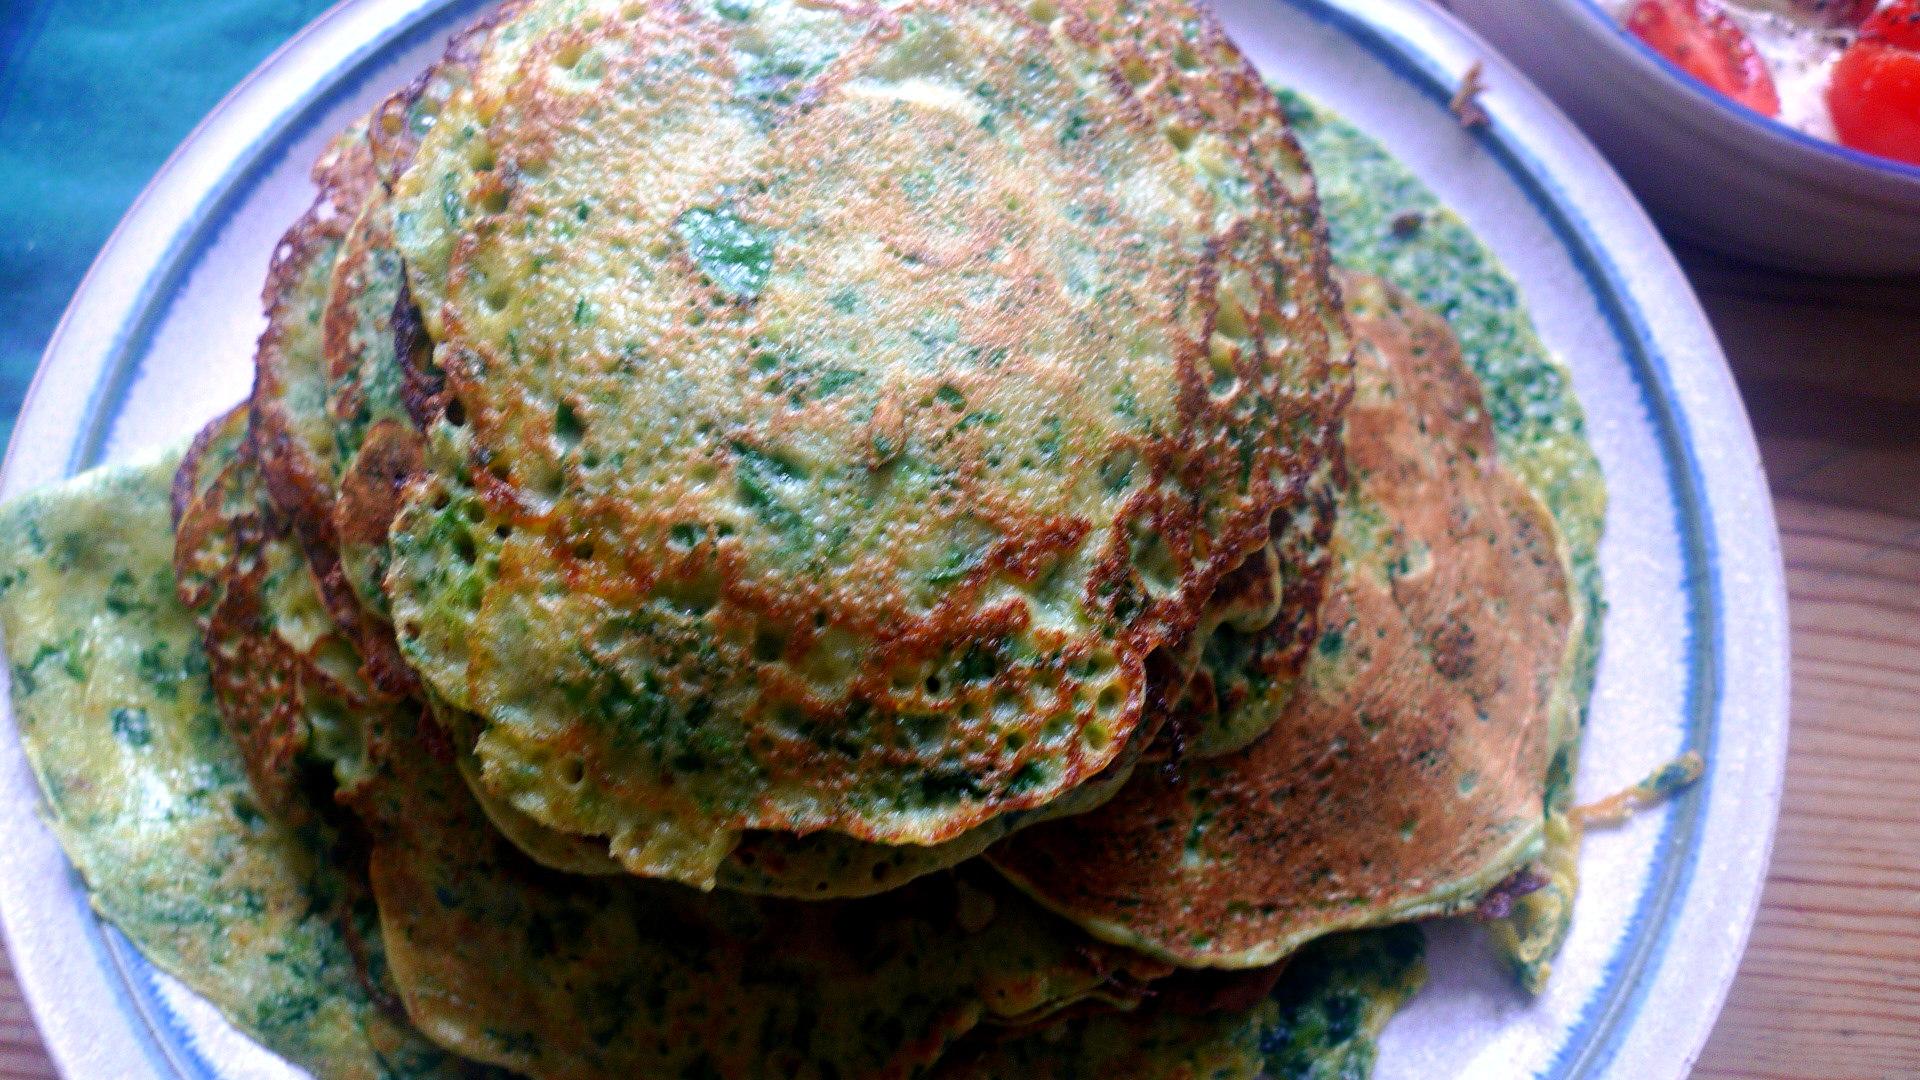 spinatpfannkuchenricottacremebananenquarki-1